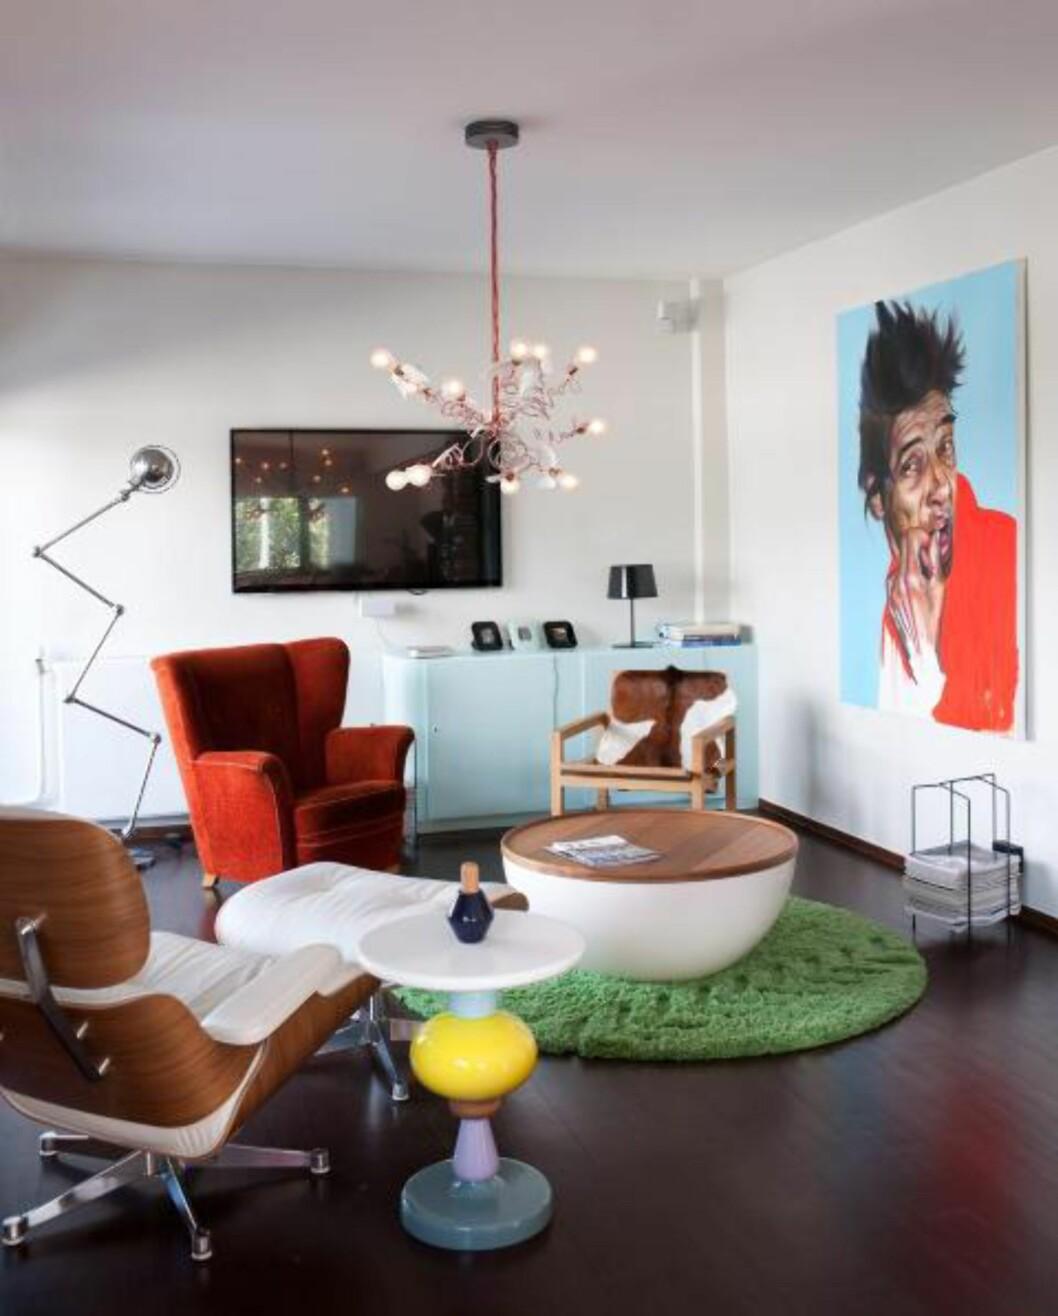 <strong>SOFALØS STUE:</strong> Stua er innredet med en uvanlig møbelmiks: Eames Lounge Chair fra Vitra, Shuffle sidebord fra Andtradition, bord med oppbevaringsplass fra Bolia, en gammel ørelappstol og en enkel hvilestol fra R.O.O.M. kledd med kuskinn fra Ikea. Gulvteppet er fra Permafrost, taklampa fra Ingo Maurer. Bildet er malt av Kristoffer Evang. Flatskjermen er nesten borte i vrimmelen. © Foto: Espen Grønli